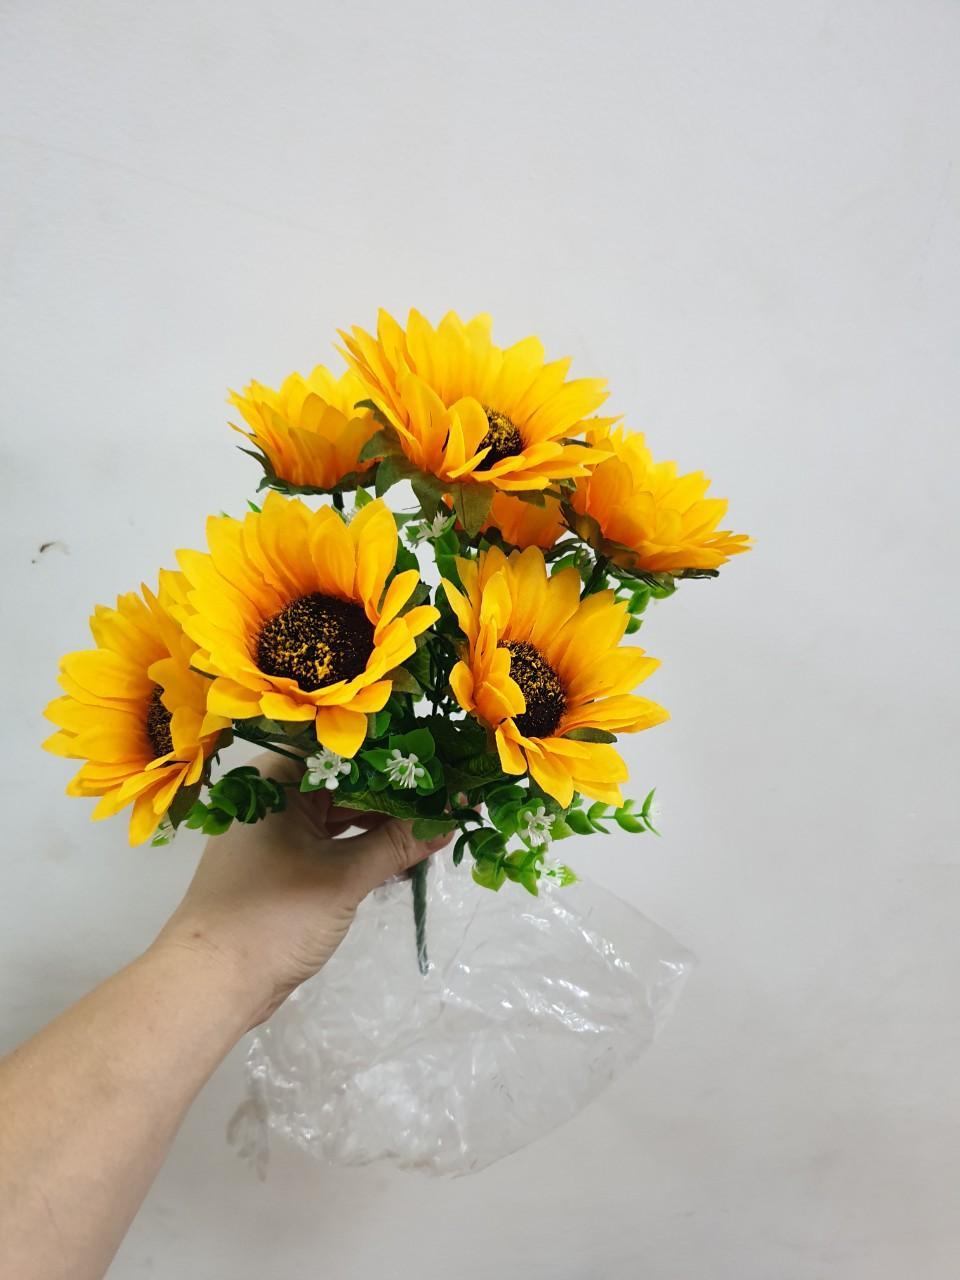 cụm hoa hướng dương 7 nhánh